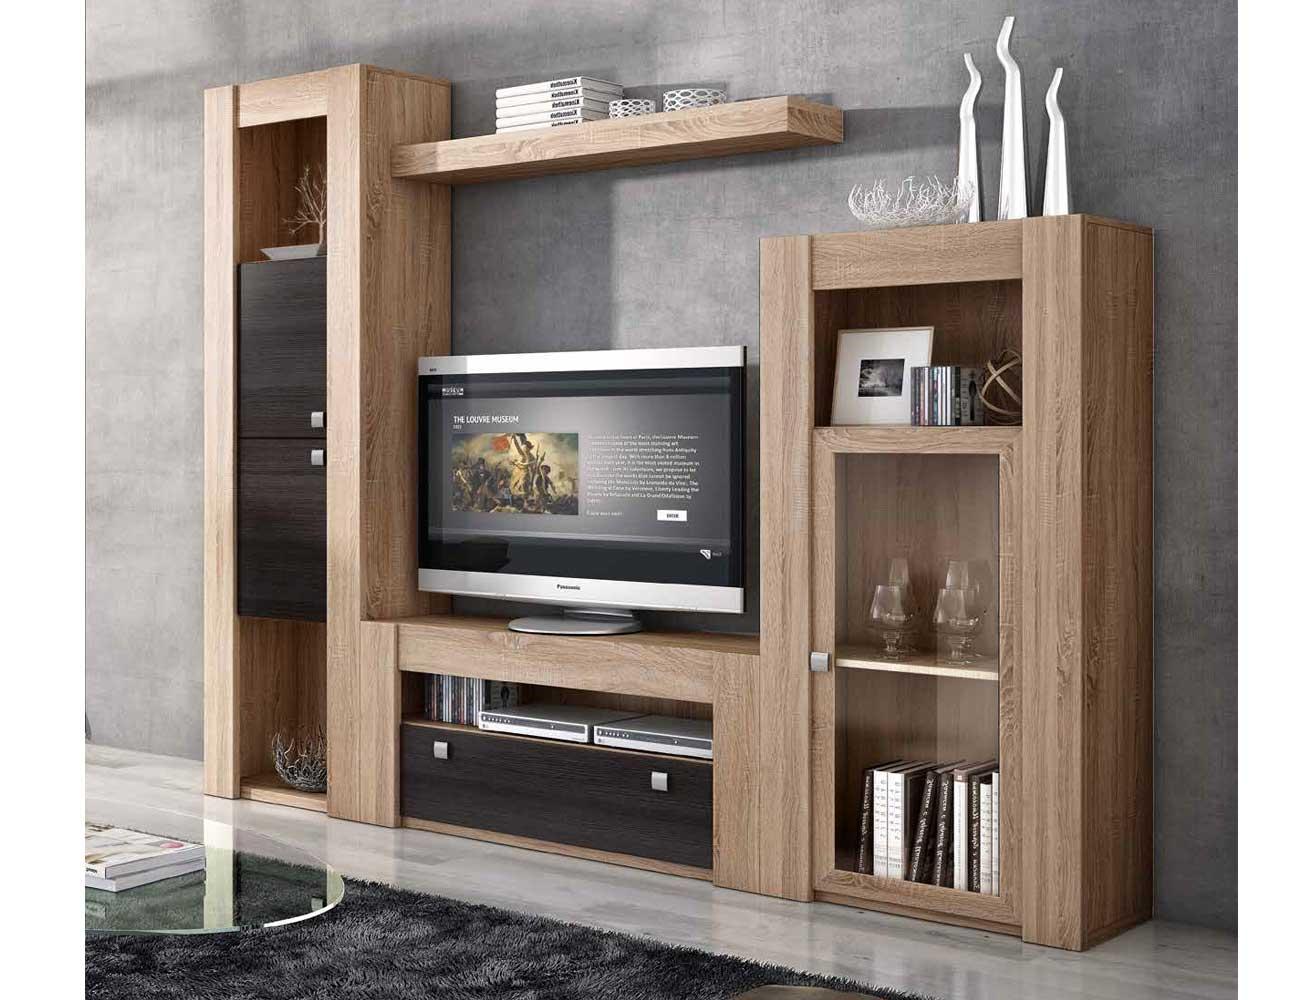 Mueble de sal n modular moderno en cambrian ceniza 2275 for Muebles de salon modulares